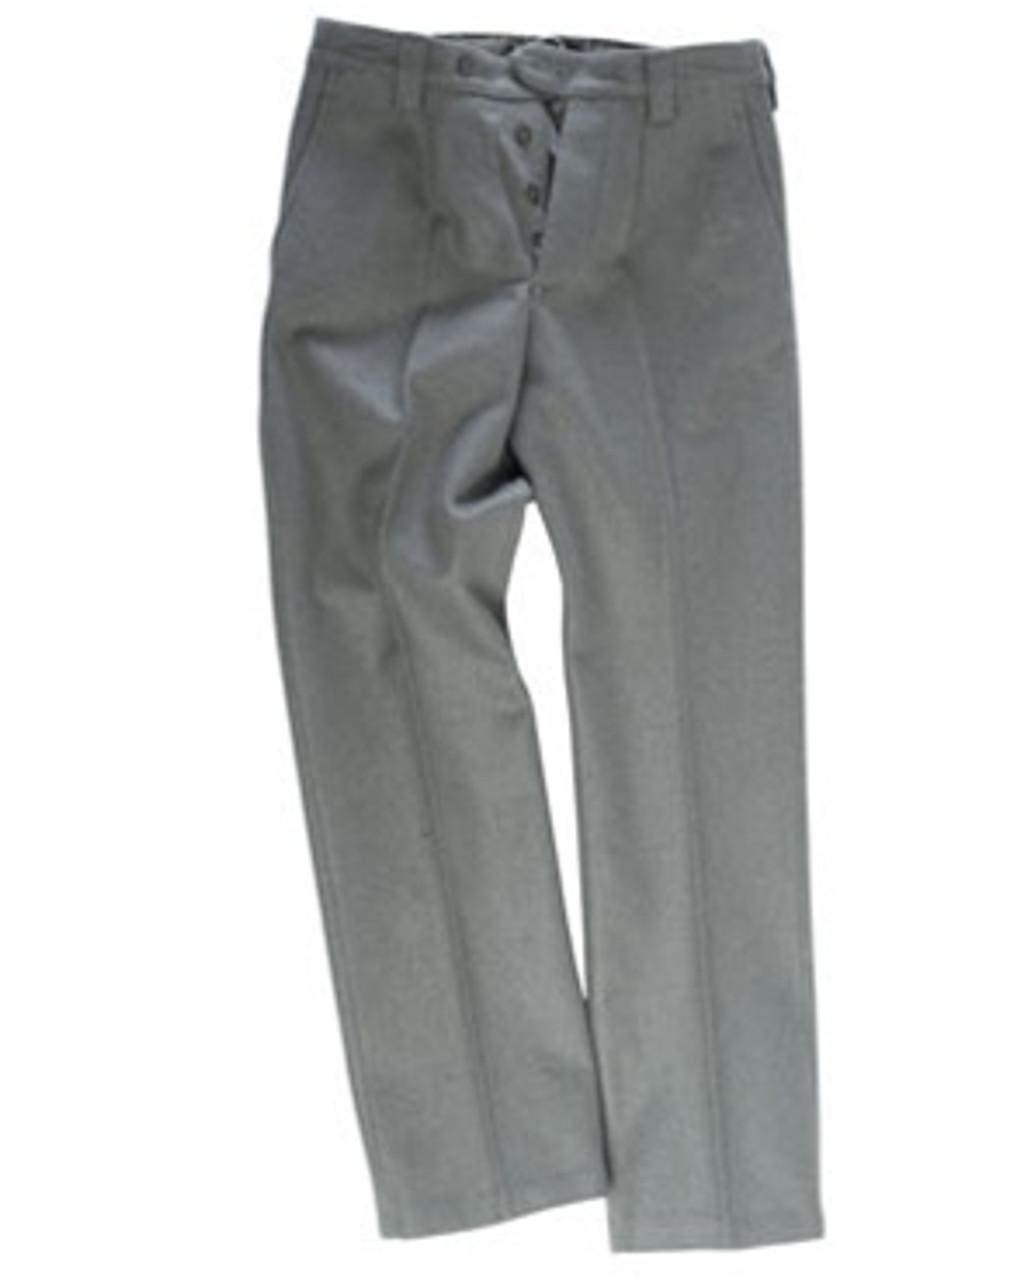 East German EM Grey Wool Service Pants from Hessen Surplus